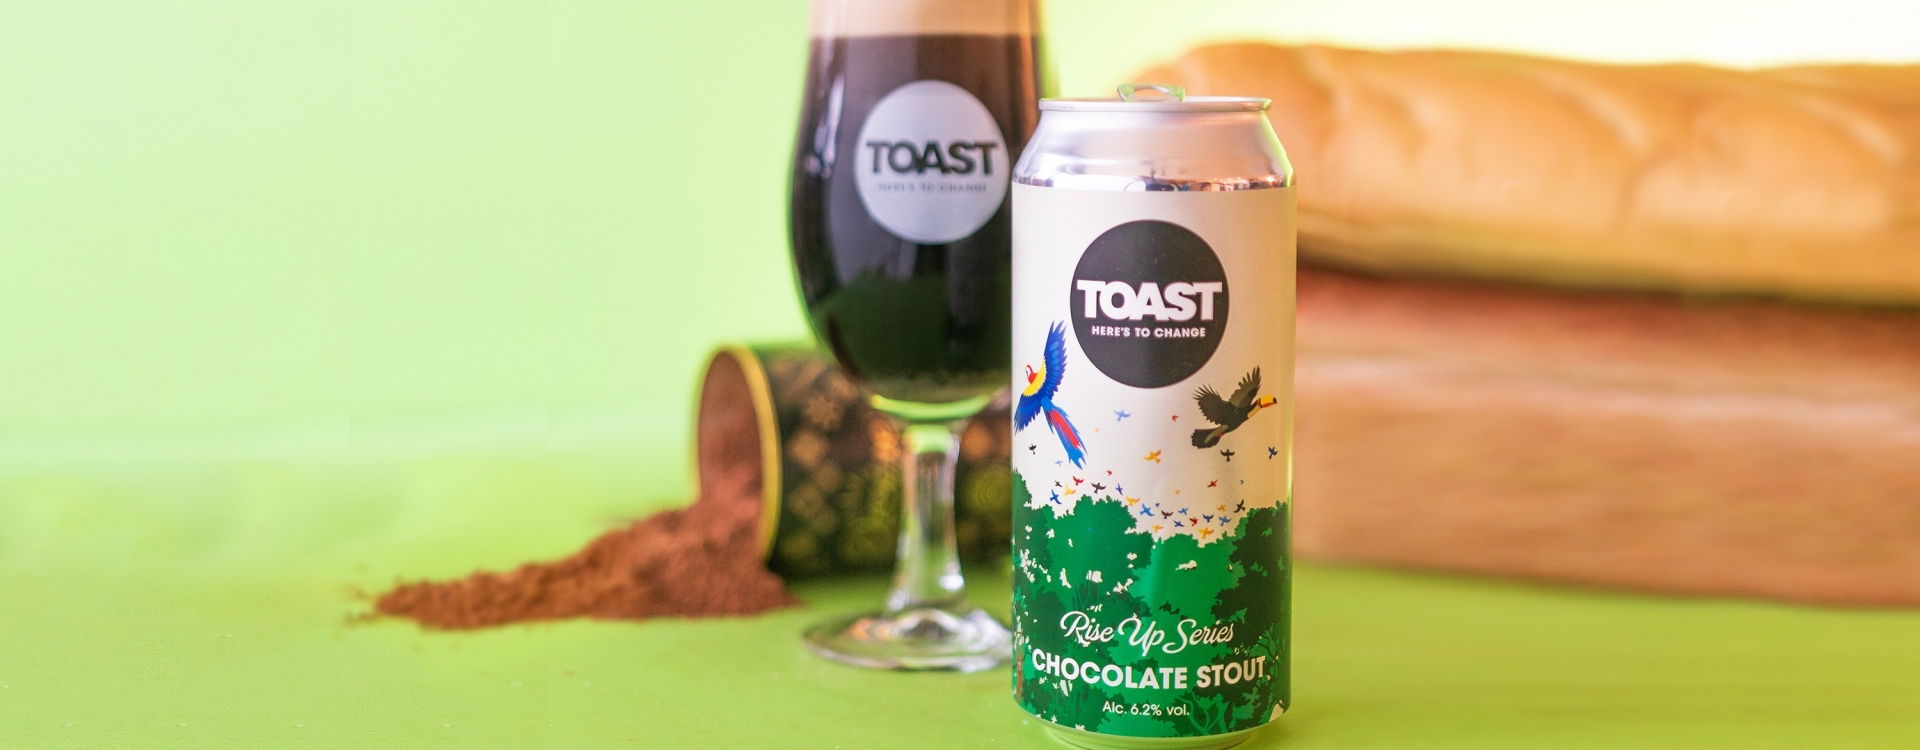 Brands toast ale 06